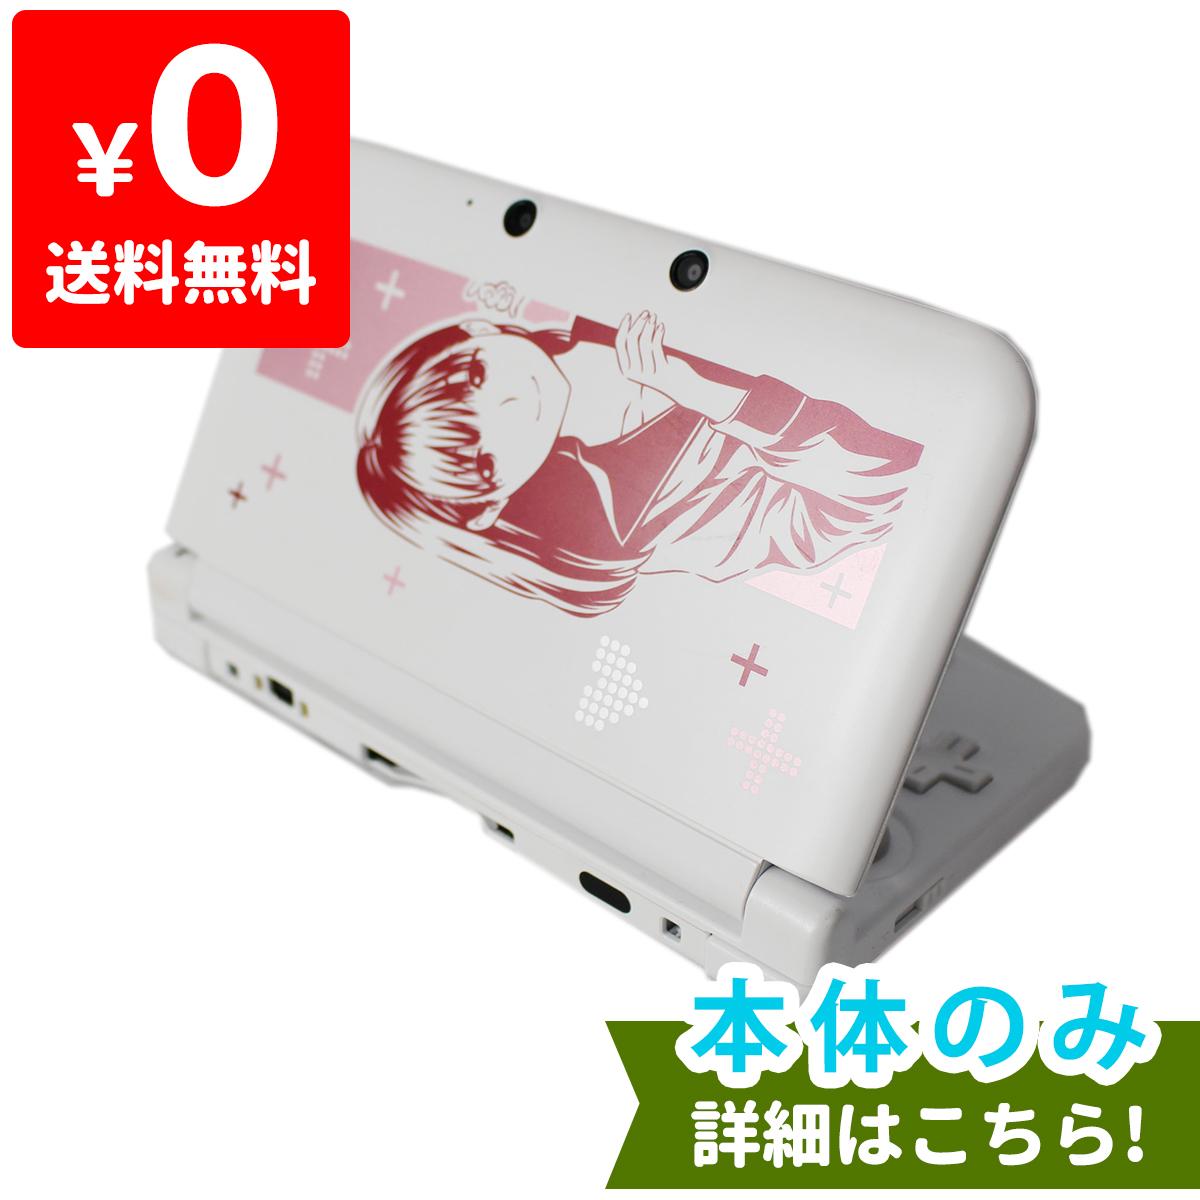 3DSLL NEWラブプラス+ ネネデラックスコンプリートセット (ニンテンドー3DS LL同梱) 本体のみ タッチペン付き Nintendo 任天堂 ニンテンドー 中古 4988602166392 送料無料 【中古】